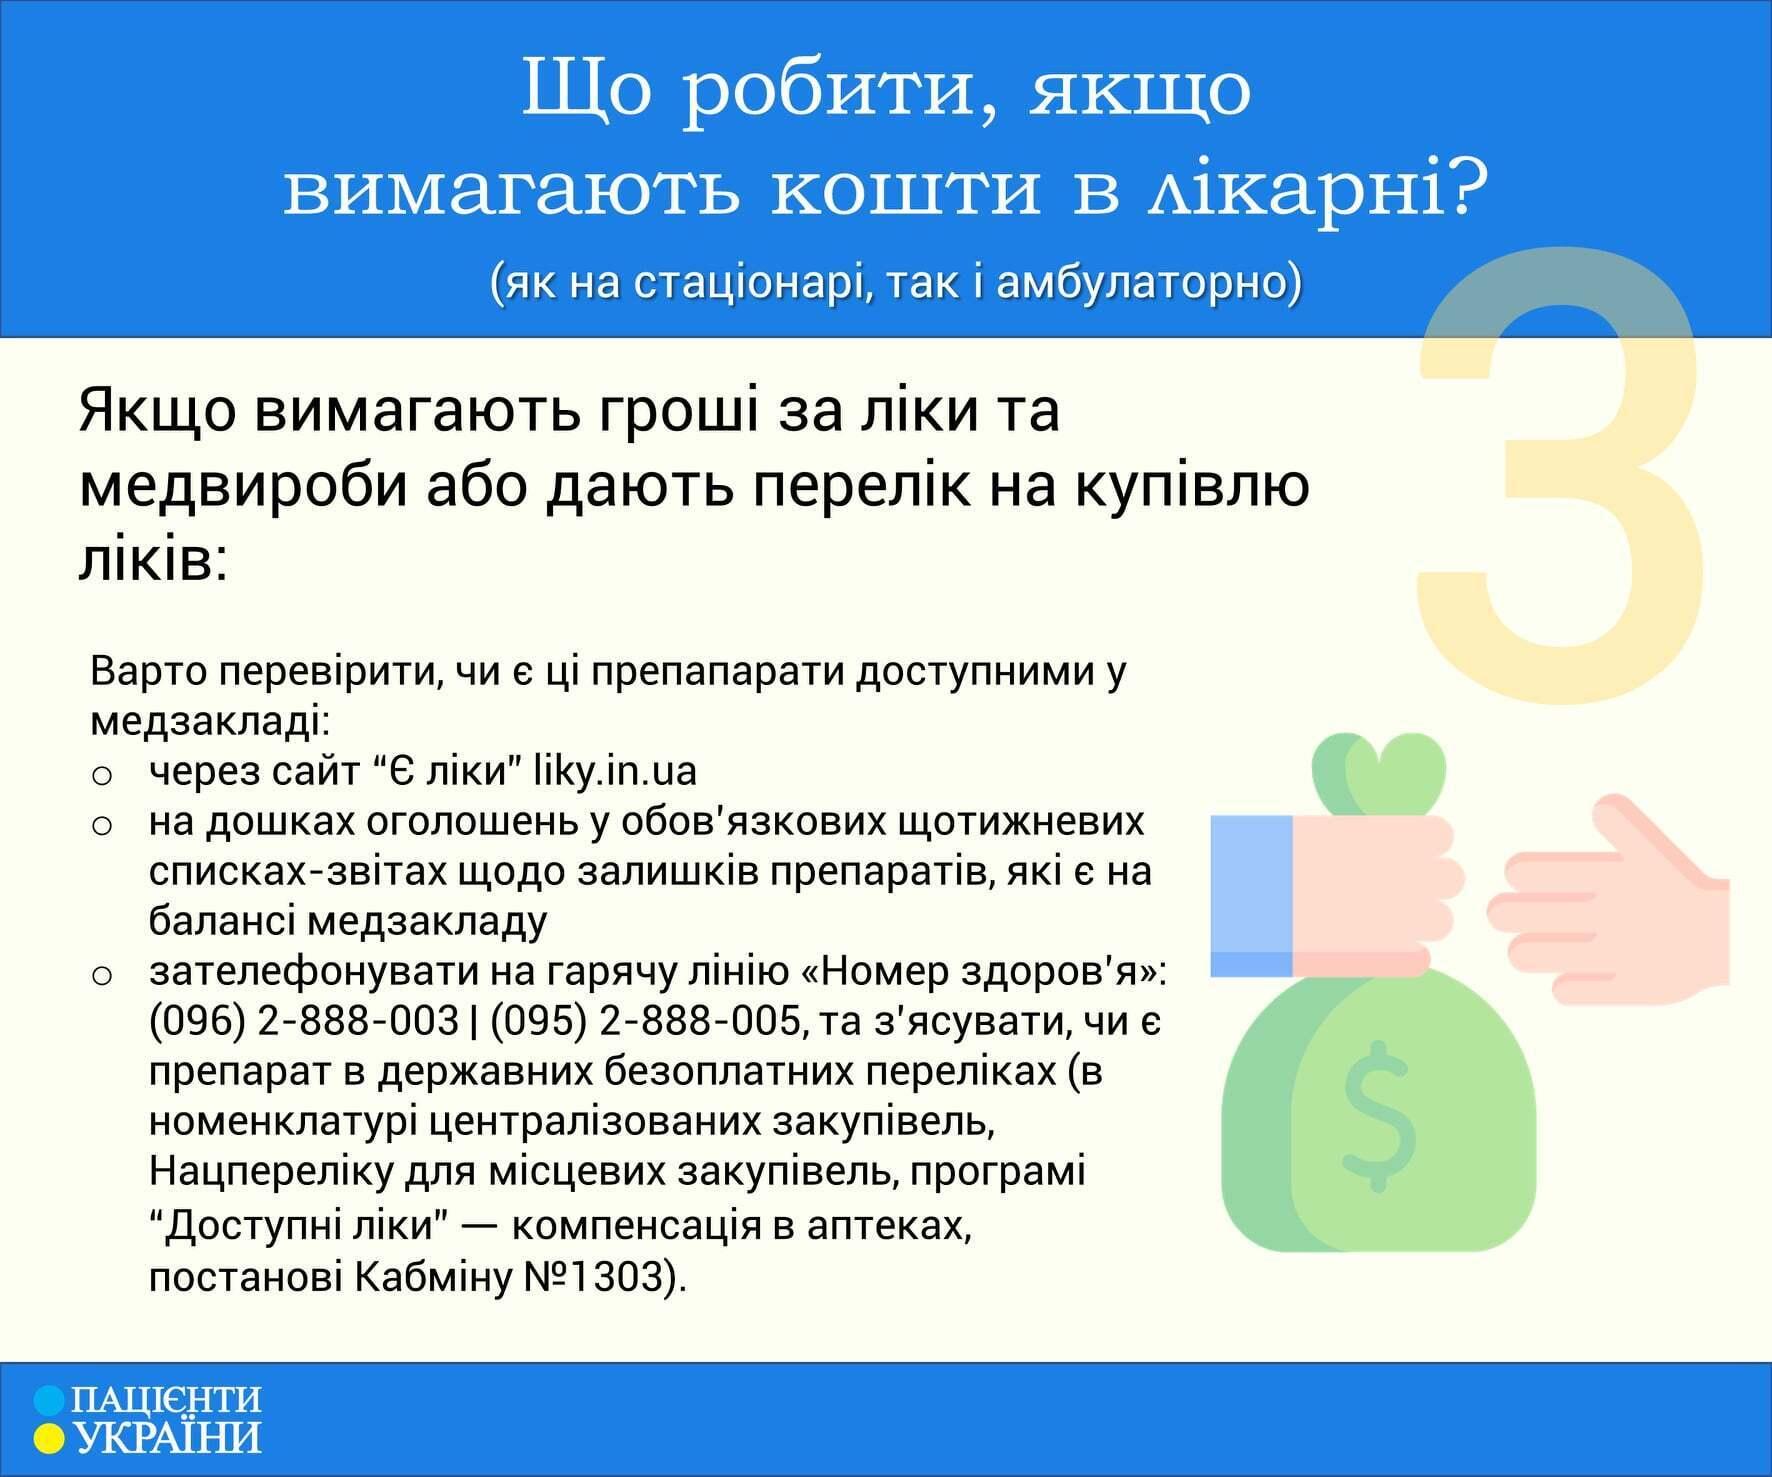 Скандал в Житомирском онкодиспансере: как защитить свои права